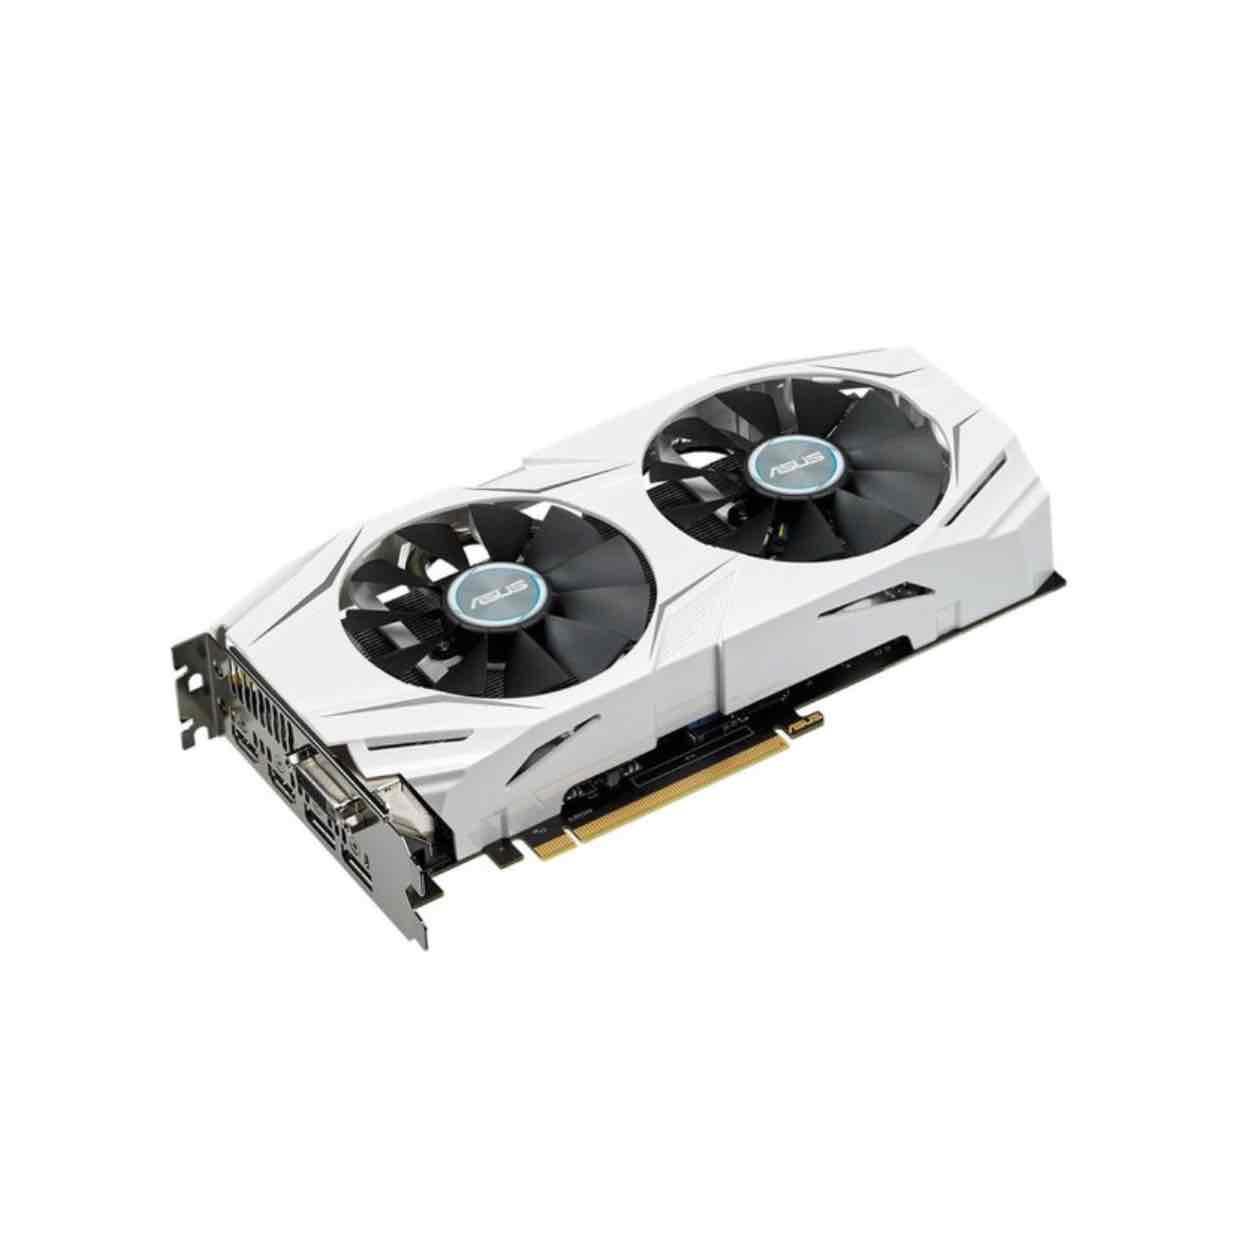 Asus dual OC GTX 1070